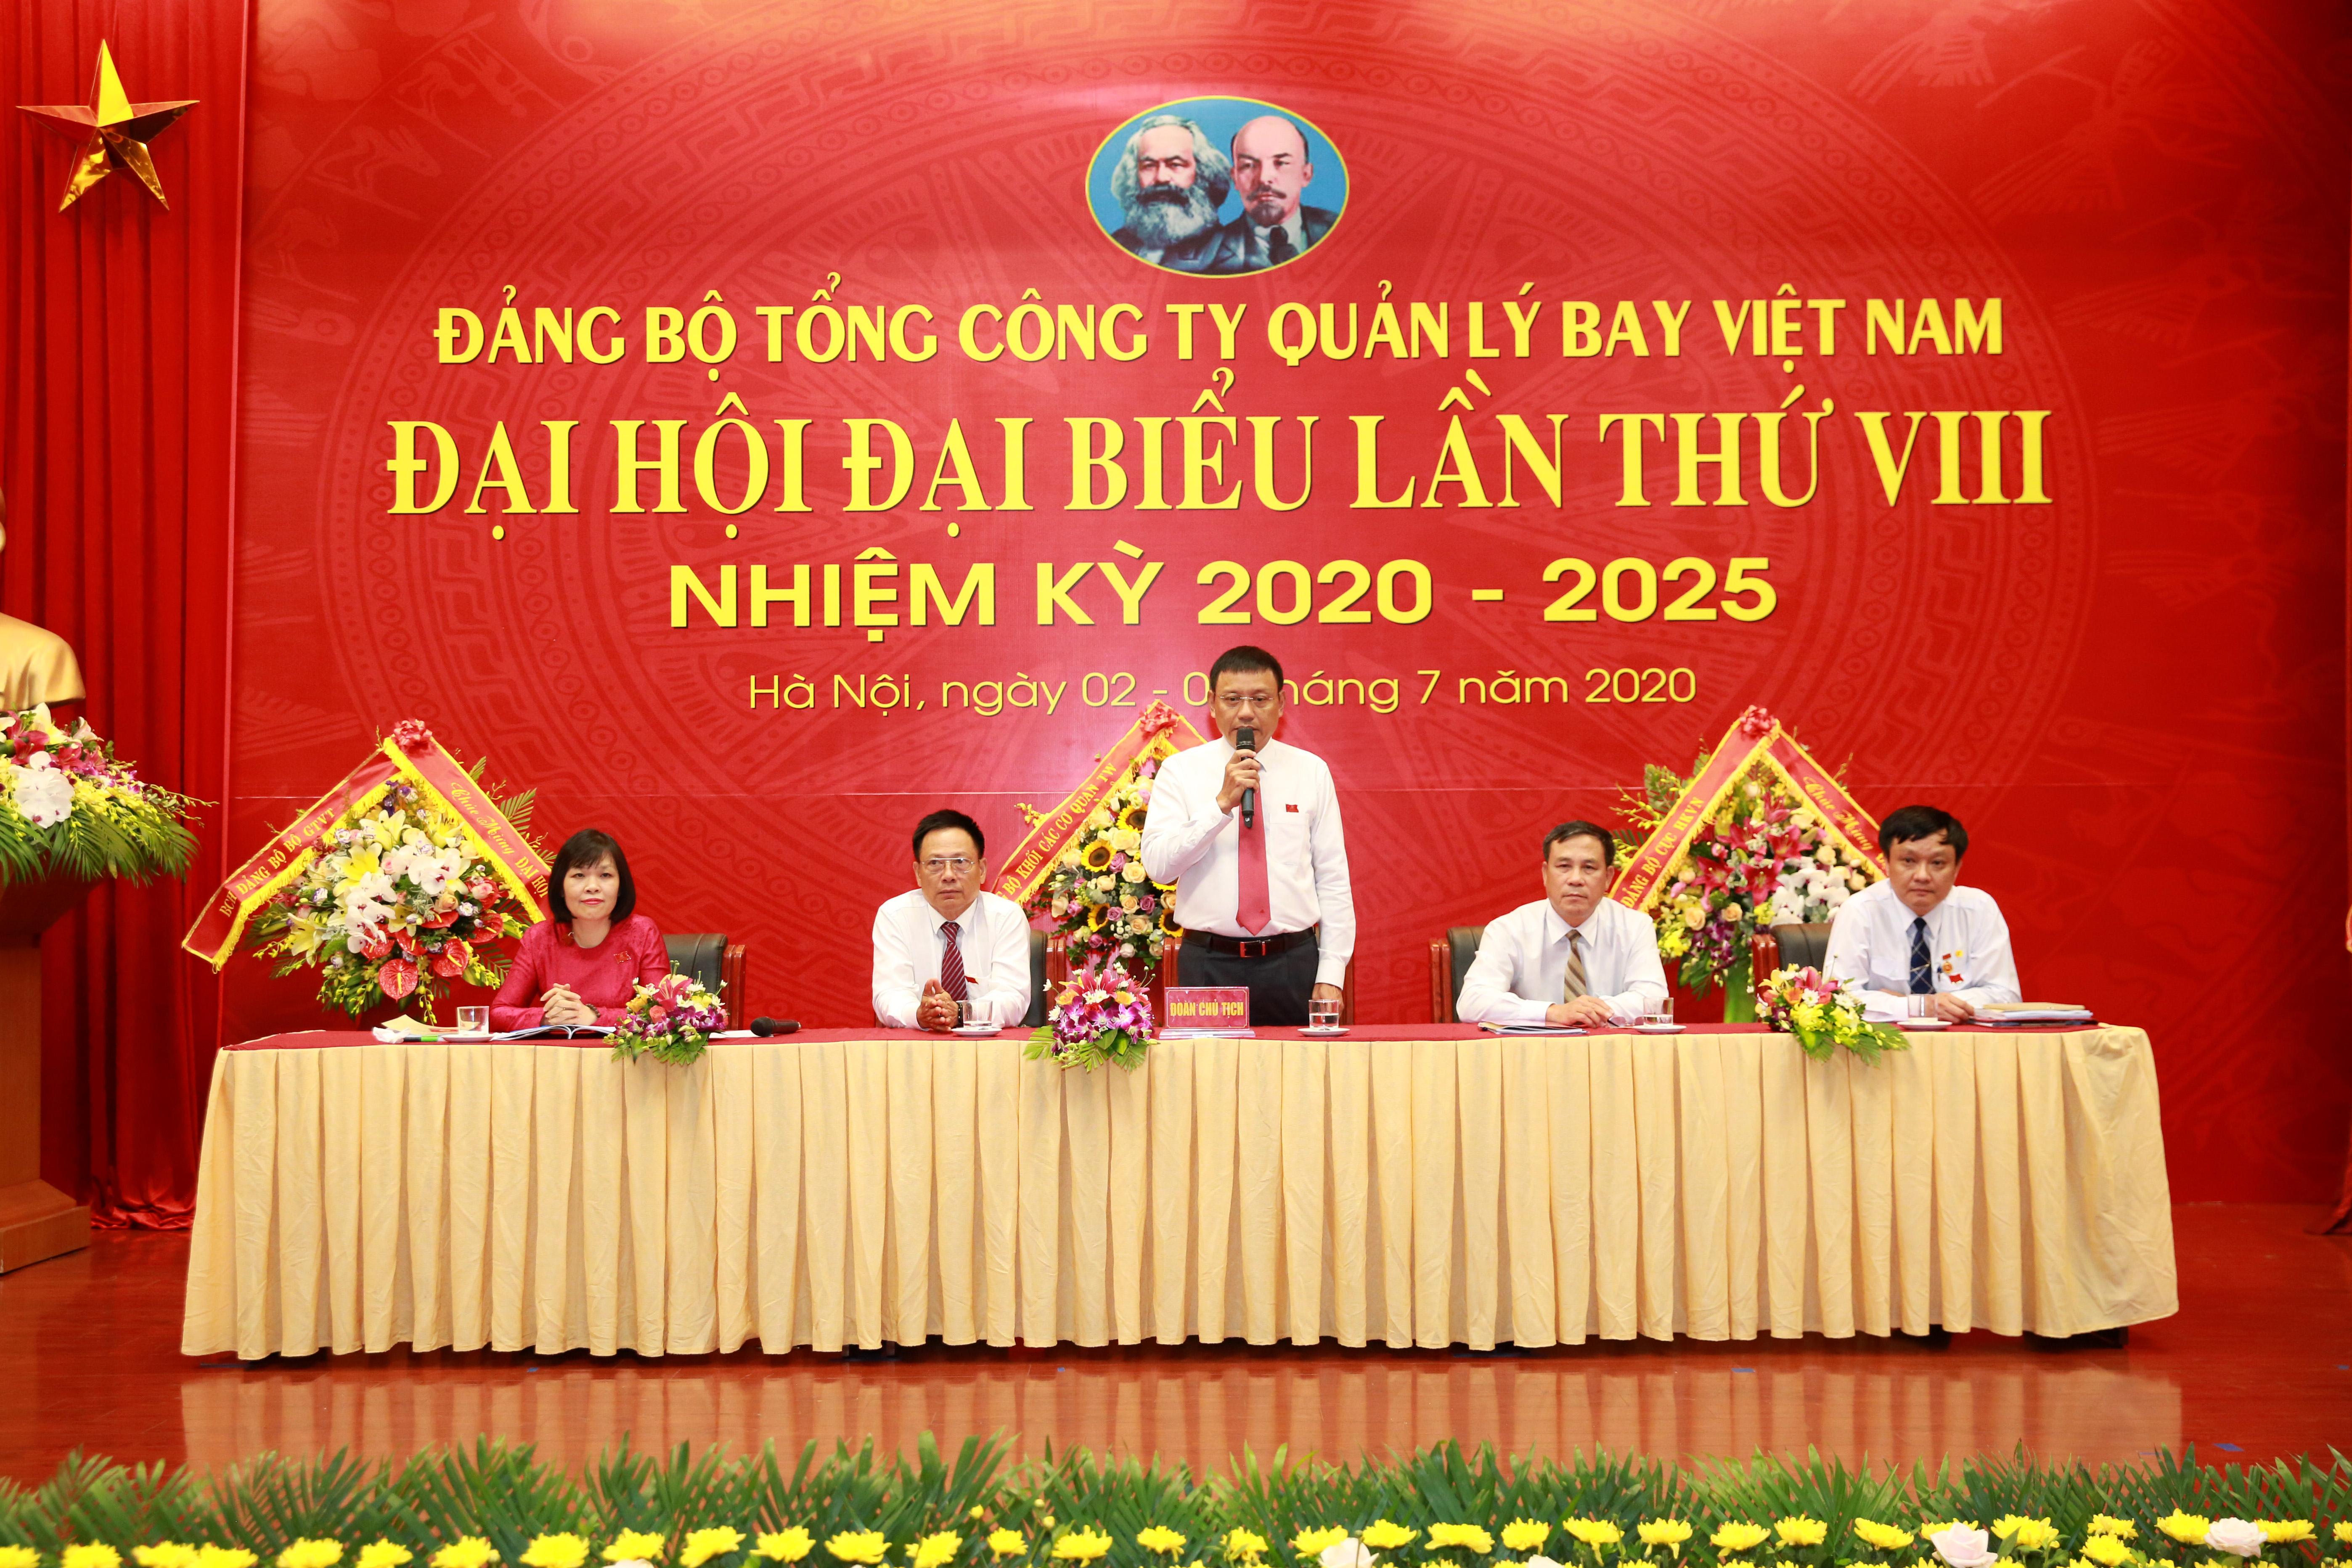 Khai mạc Đại hội đại biểu Đảng bộ Tổng công ty Quản lý bay Việt Nam lần thứ VIII, nhiệm kỳ 2020-2025